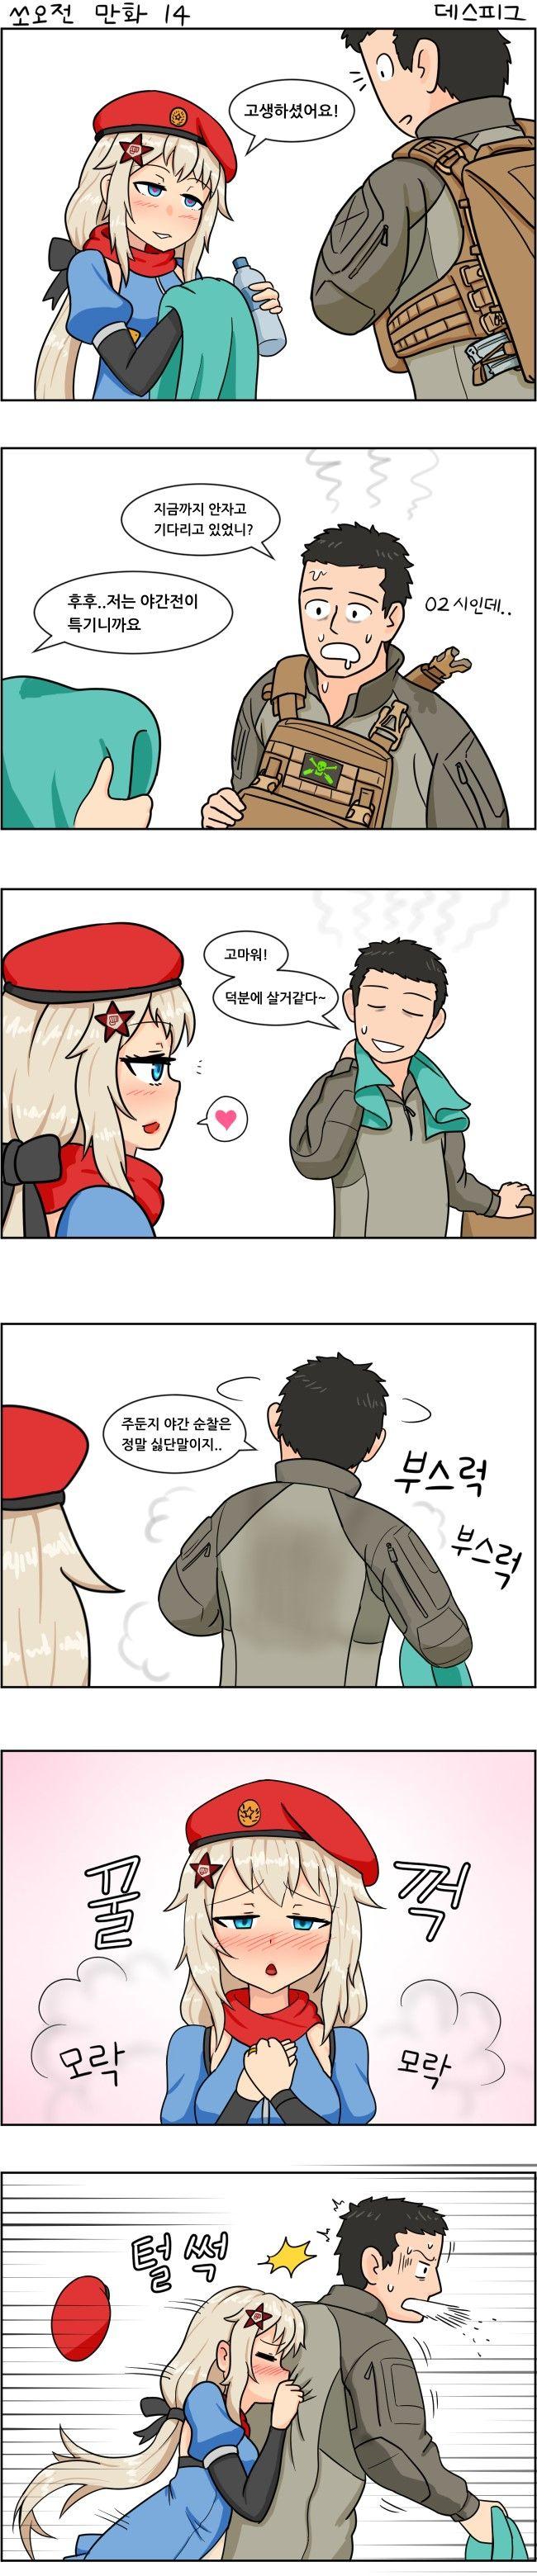 소녀전선 만화 9A91 코박죽 만화